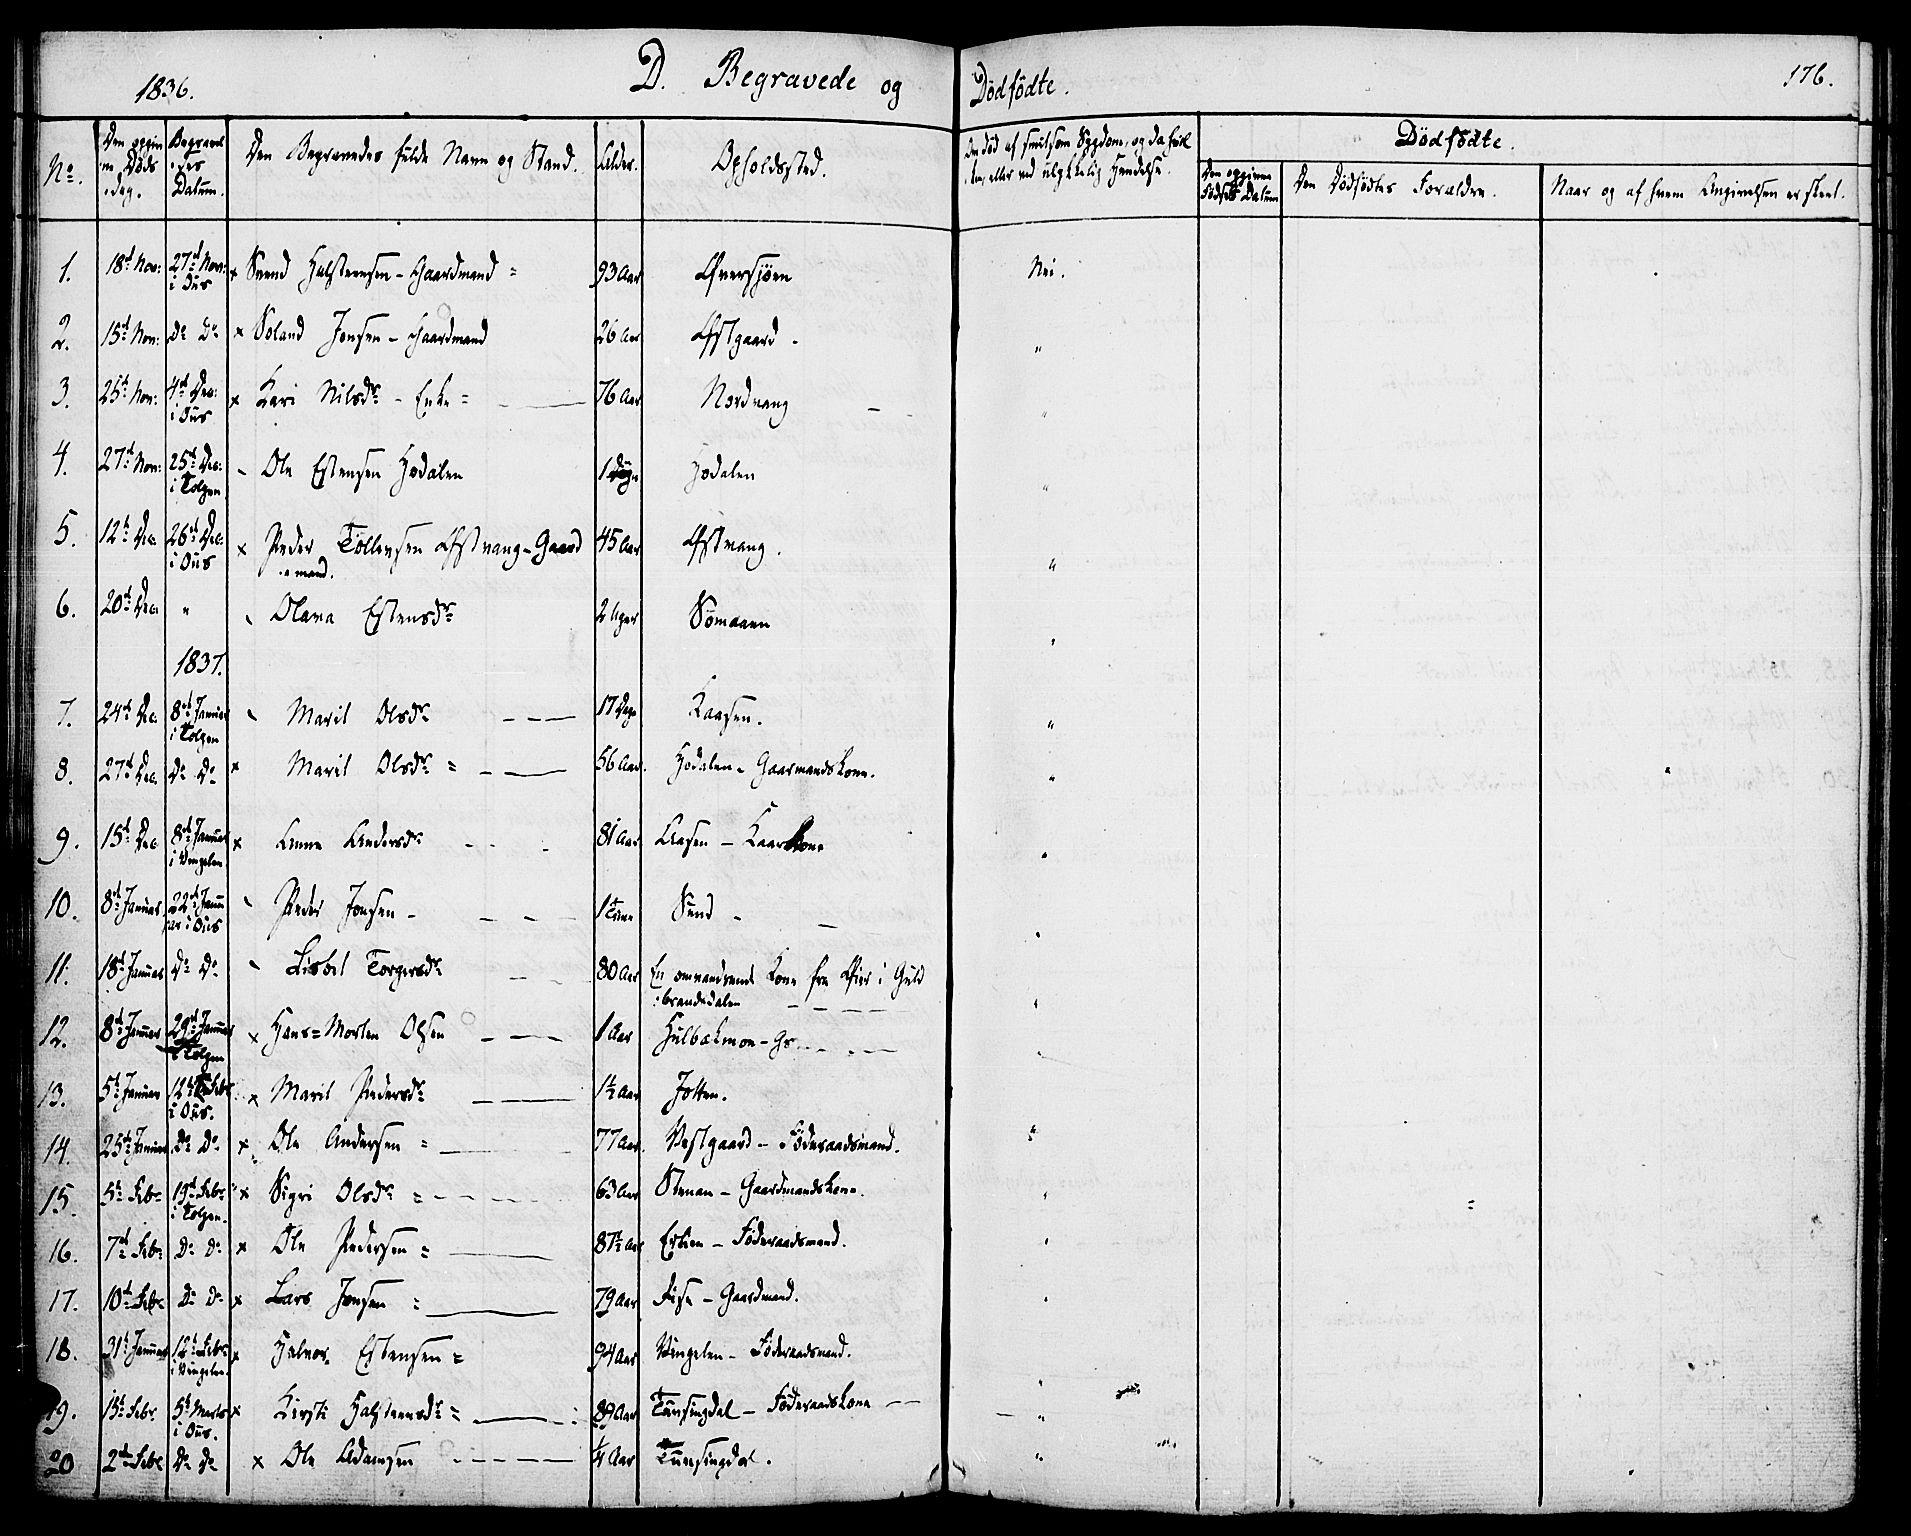 SAH, Tolga prestekontor, K/L0005: Ministerialbok nr. 5, 1836-1852, s. 176